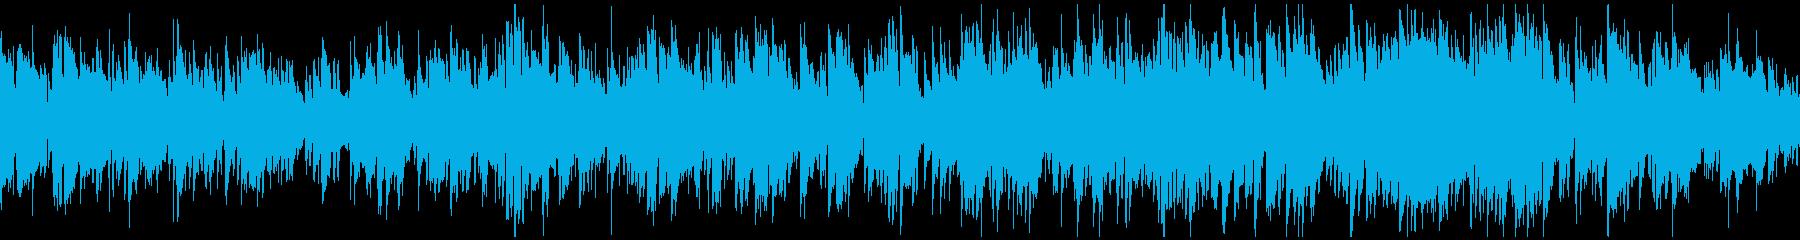 大人のマイナー調ボサノバ ※ループ仕様版の再生済みの波形